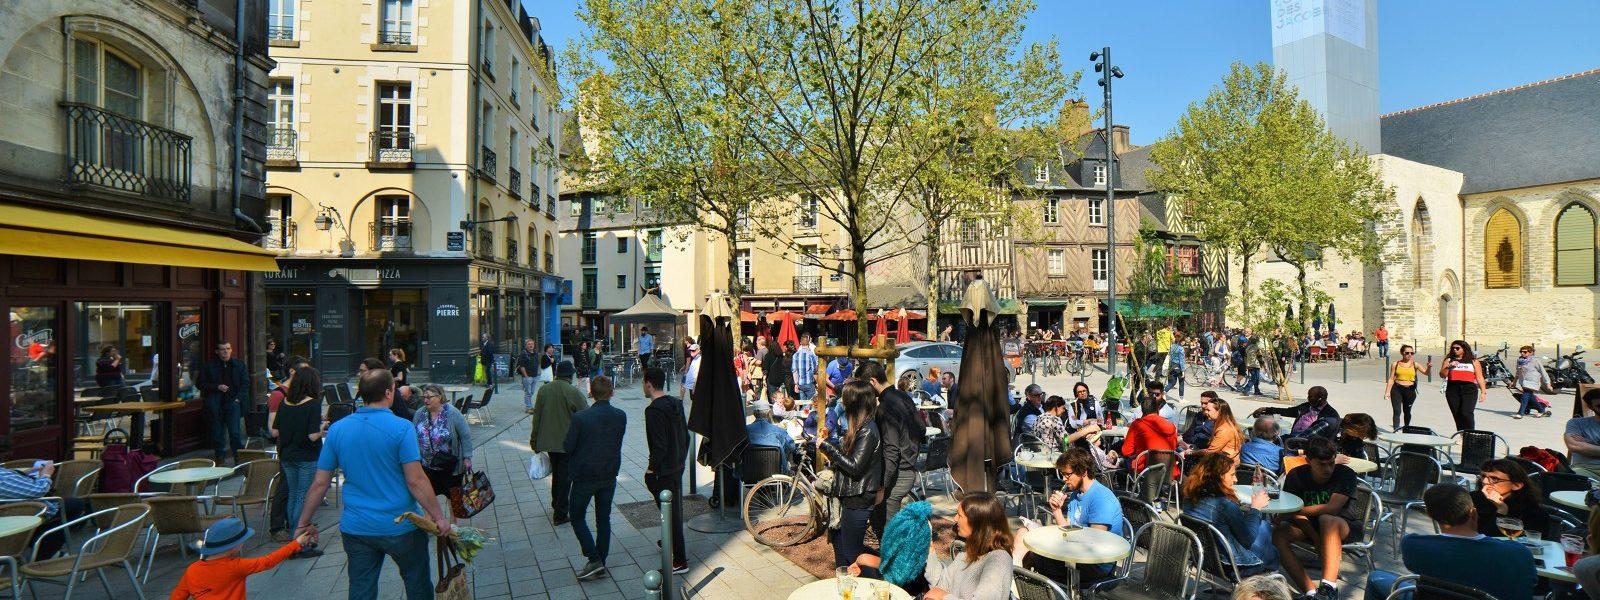 Place Saint Anne Rennes